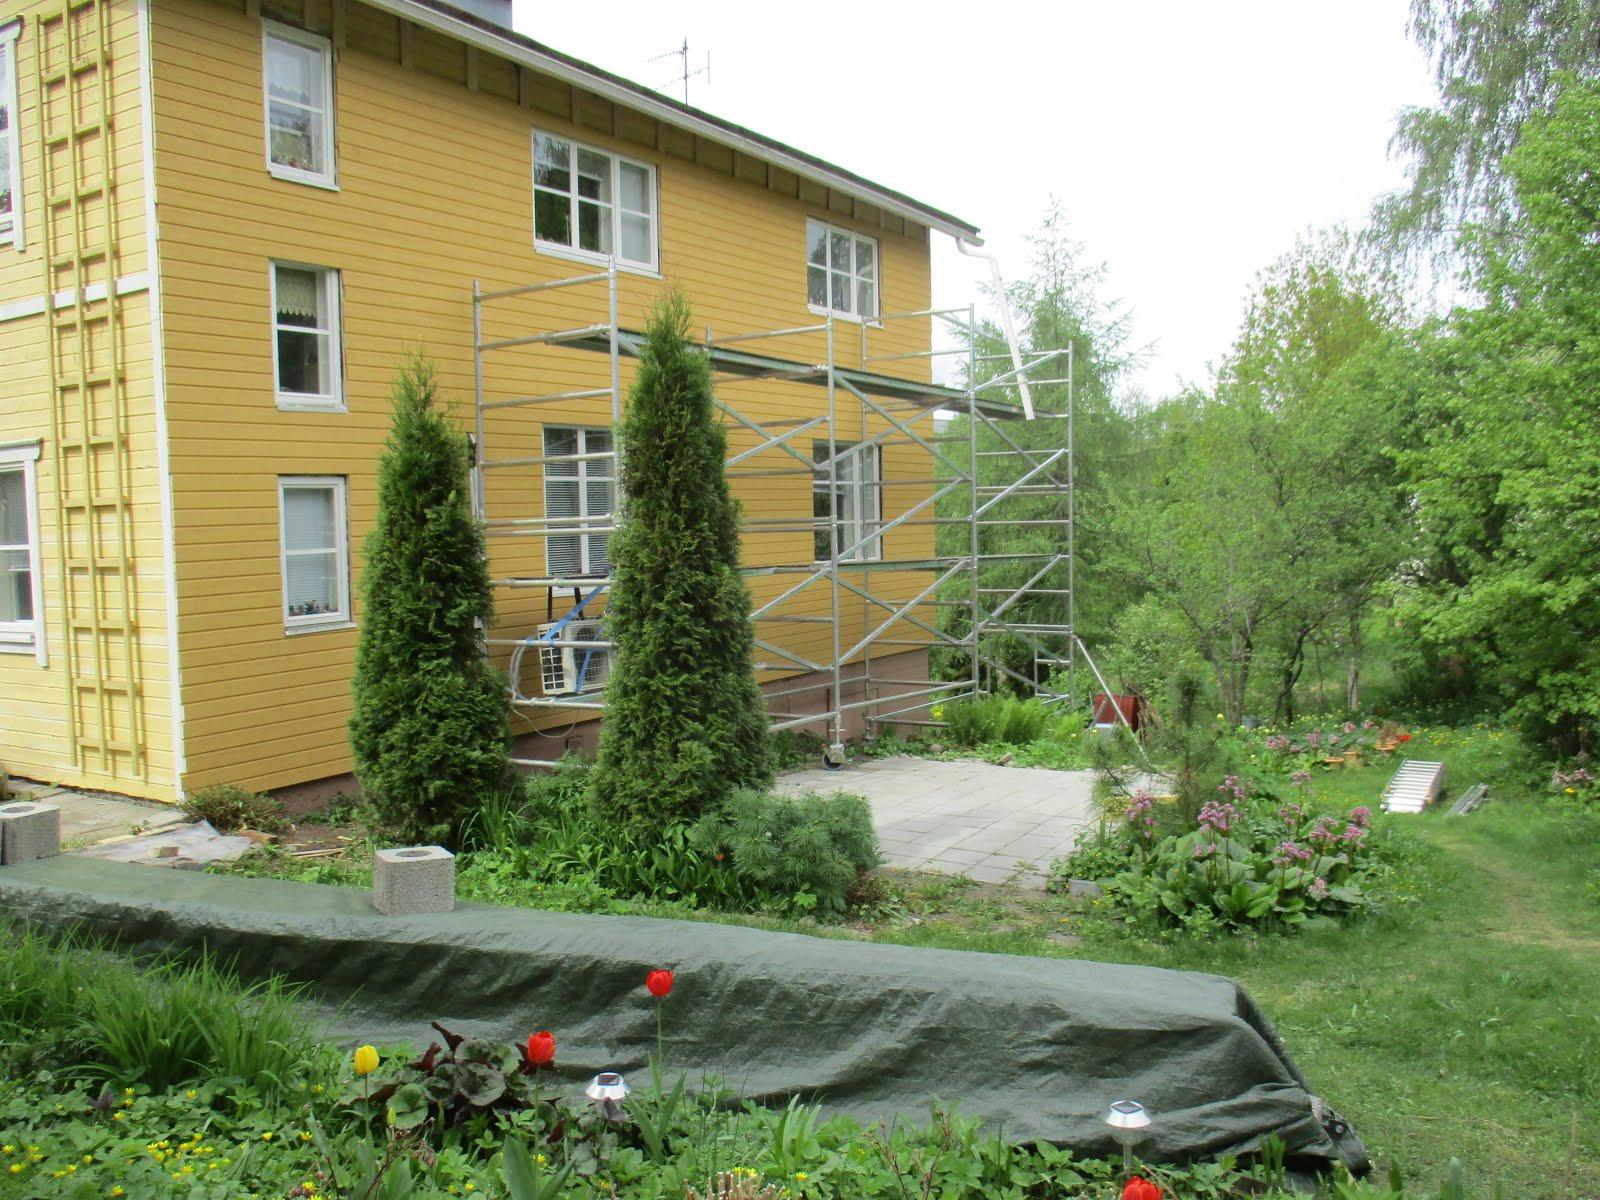 Talo saa uuden ulkoverhoilun keväällä 2016